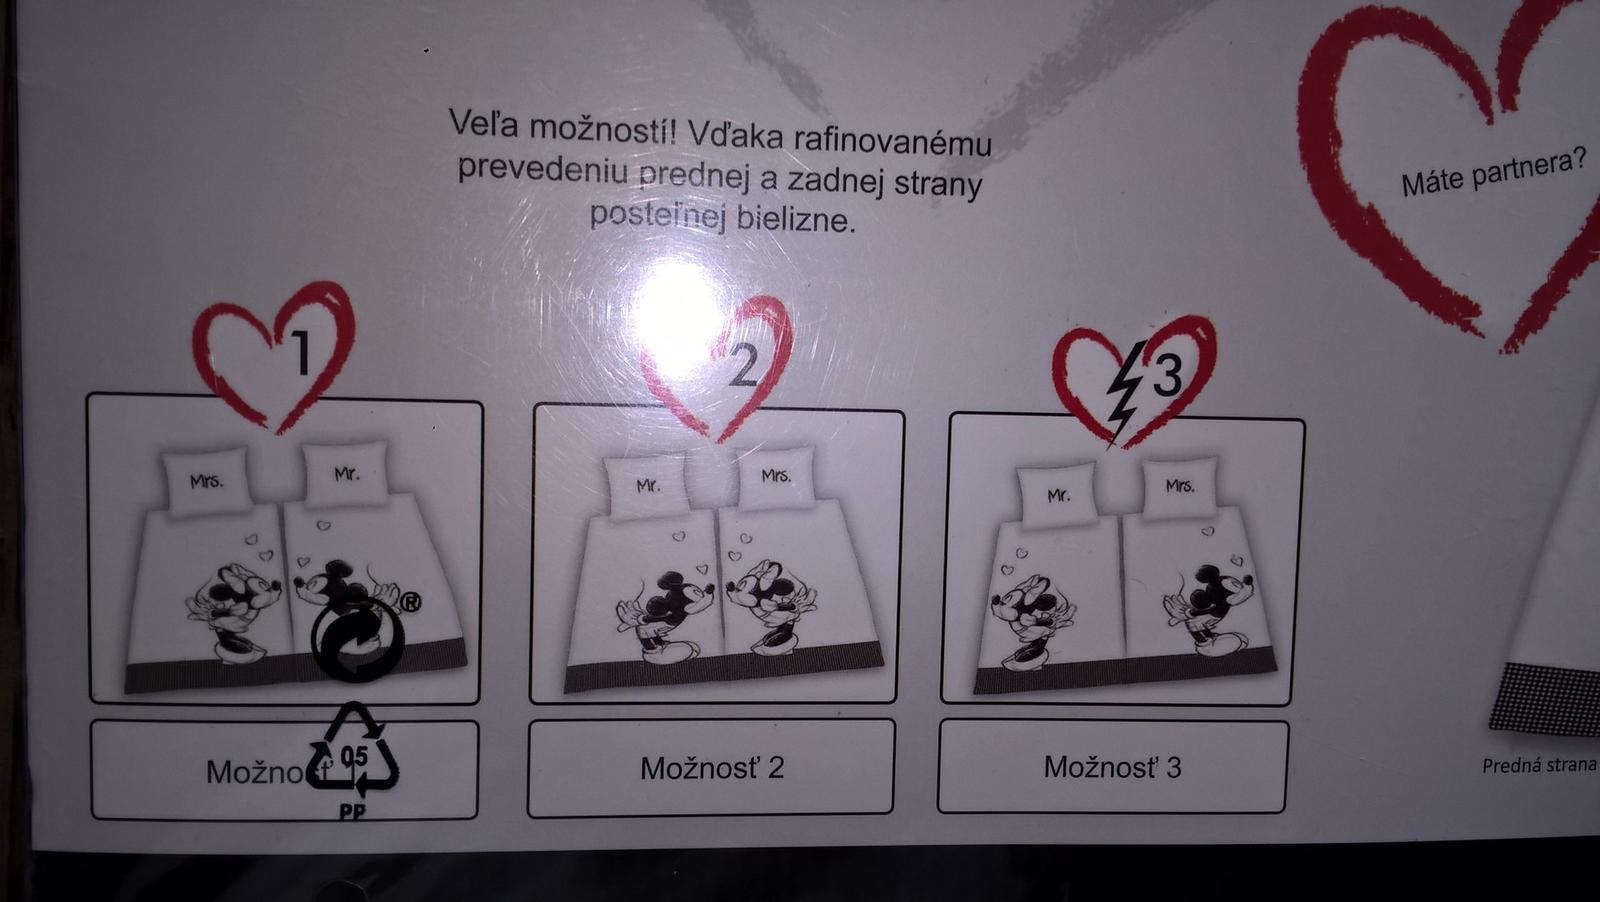 2x navlecka disney pre zamilovanych - Obrázok č. 3